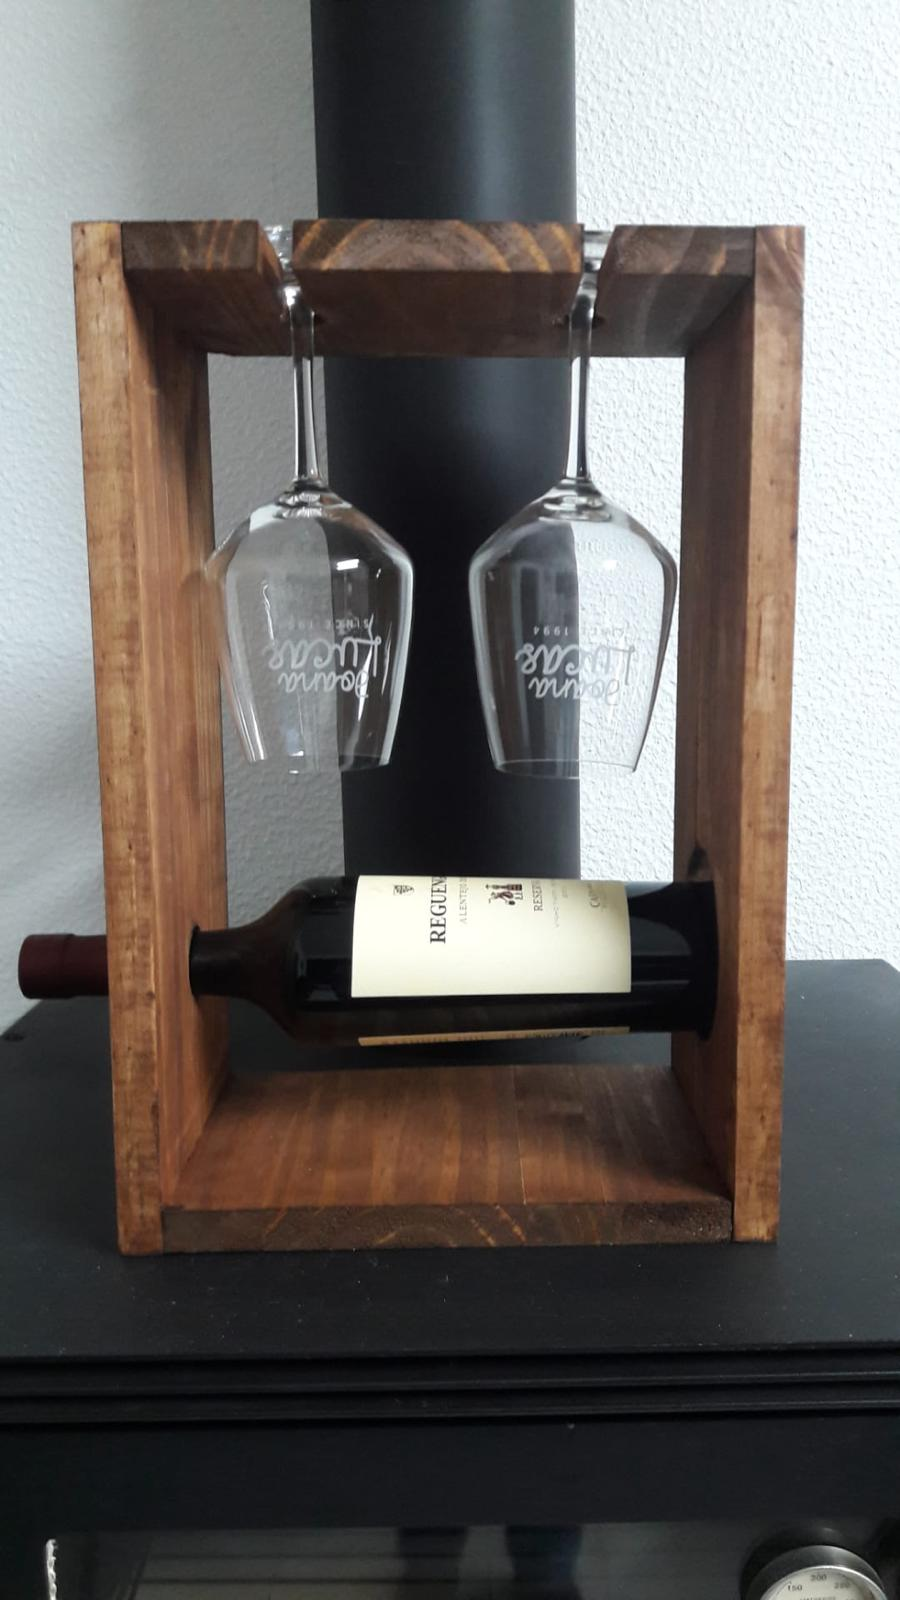 Suporte em madeira para uma garrafa e dois copos